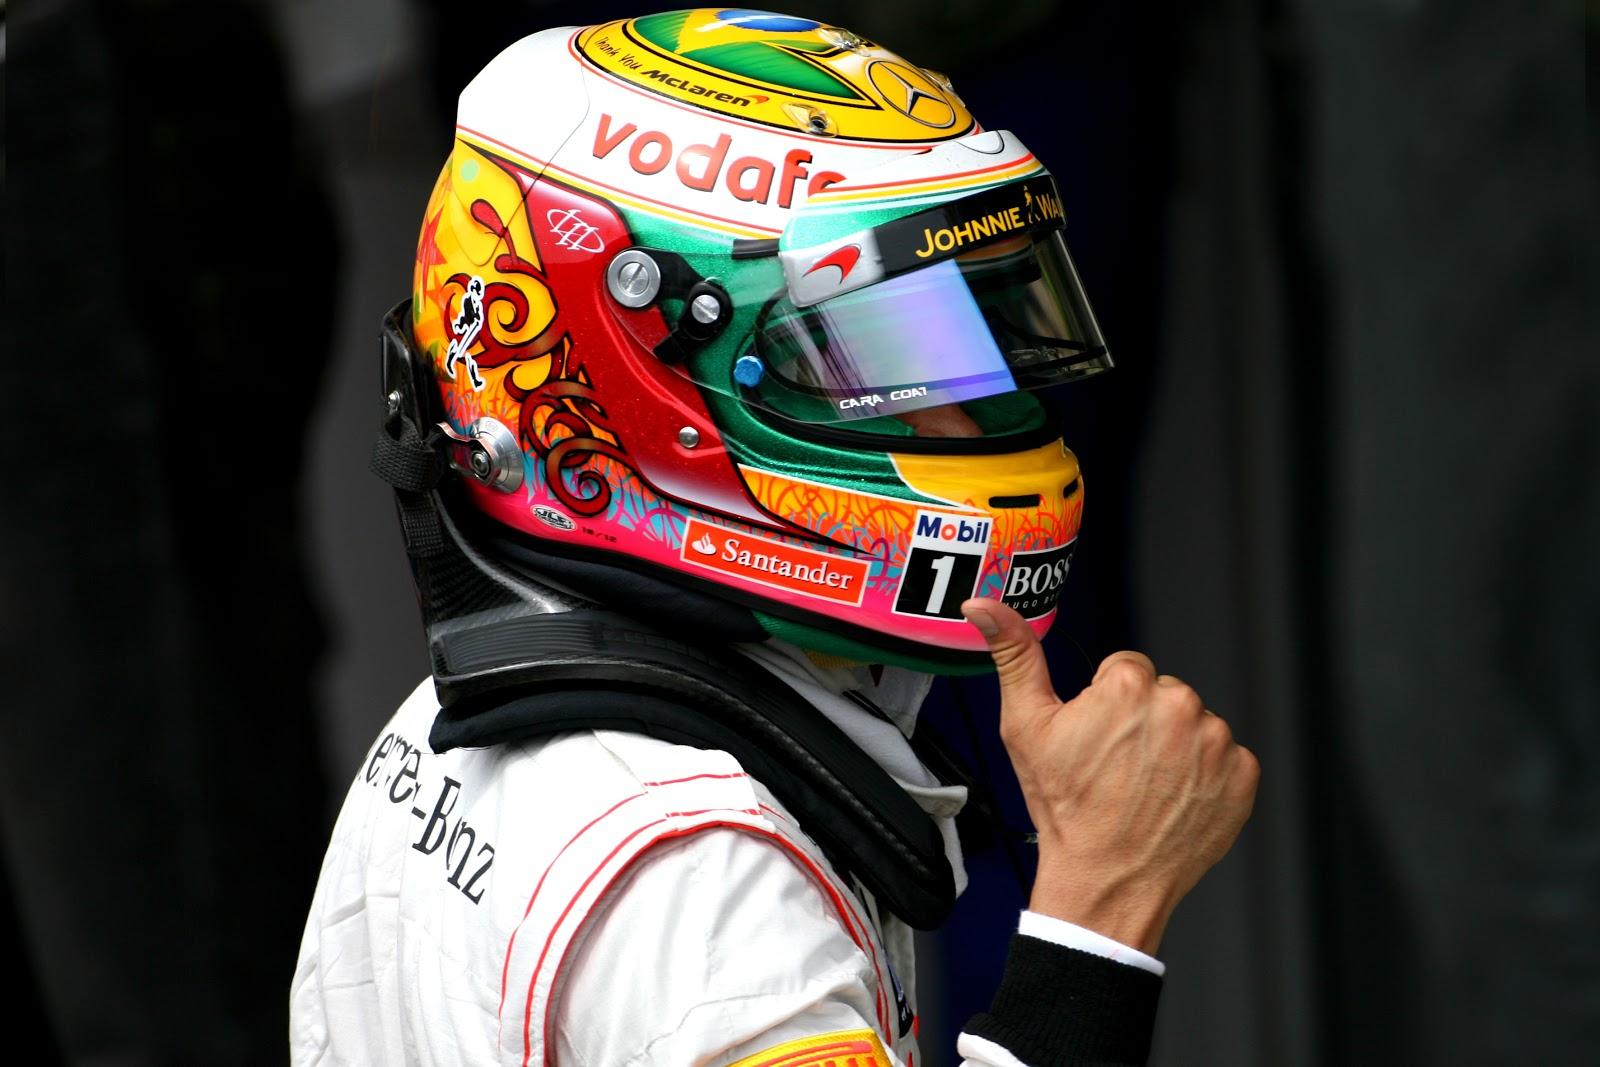 Гран-При Бразилии 2012, Квалтфикация, Результаты, Льюис Хэмильтон-лидер!